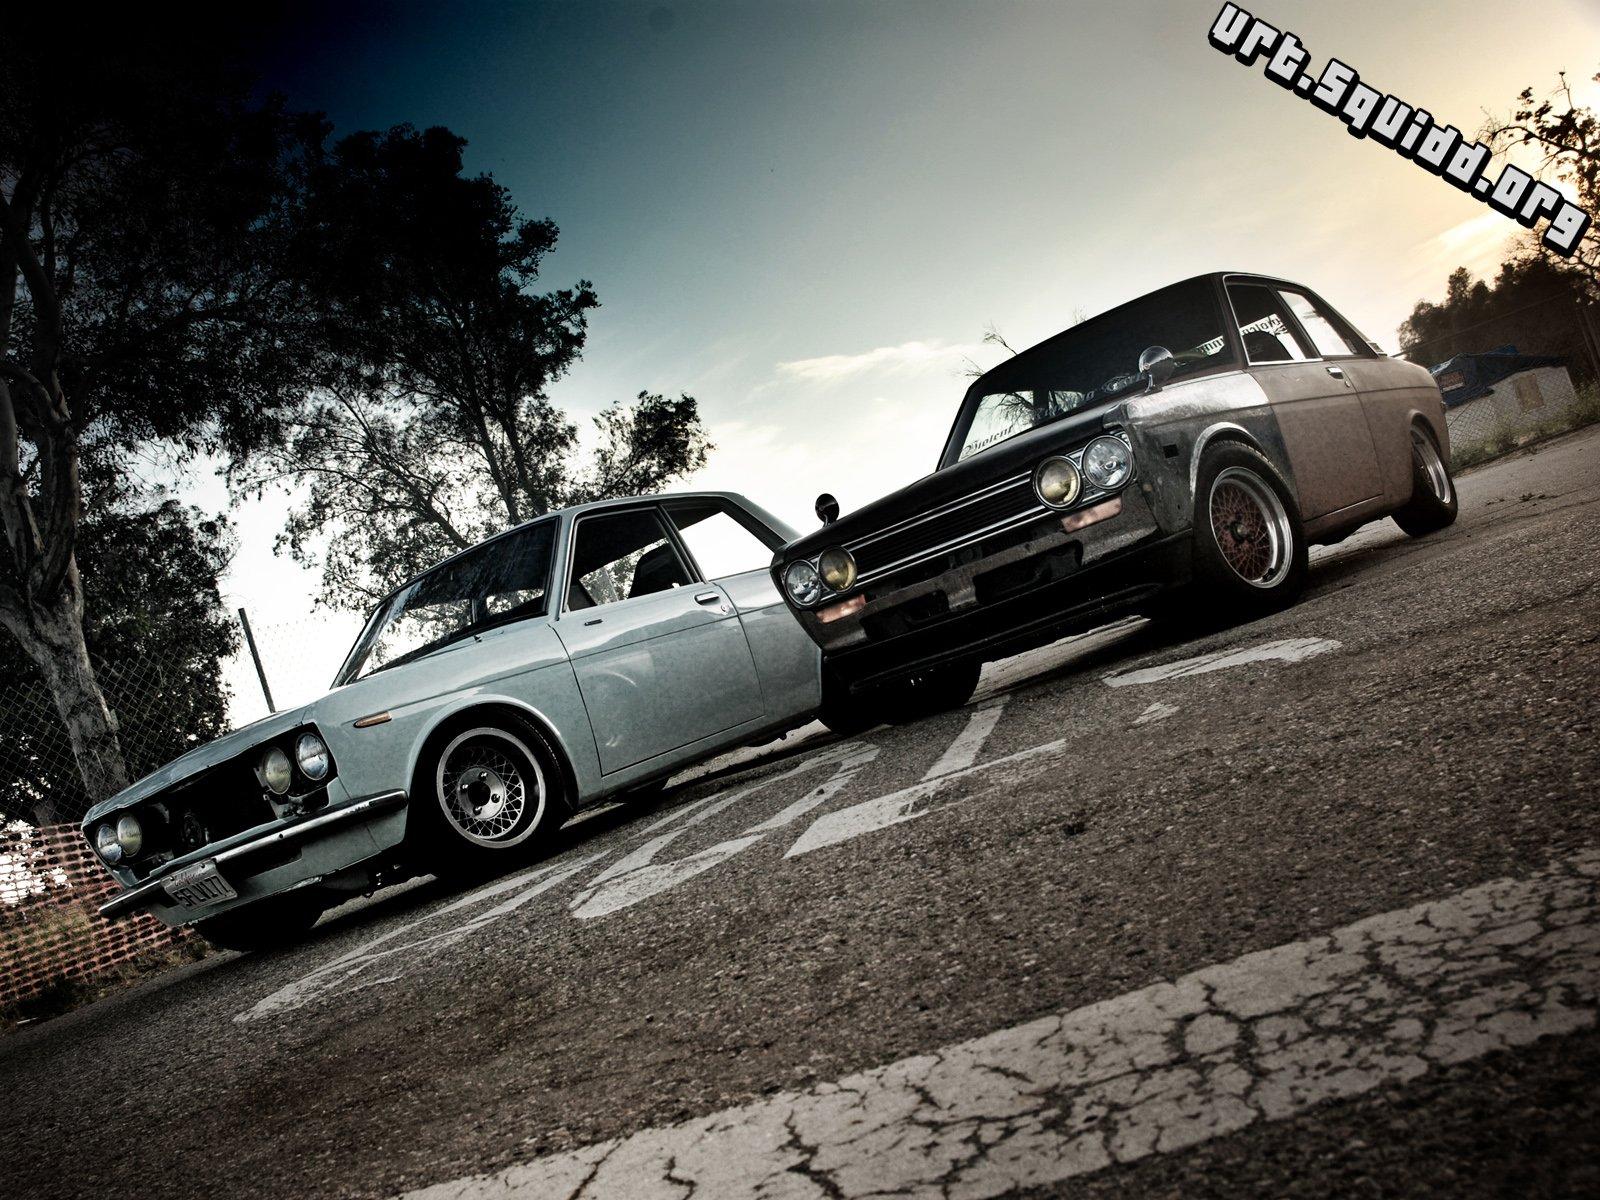 Datsun Blue Bird Datsun 510 wallpaper   1600x1200   264281 ...